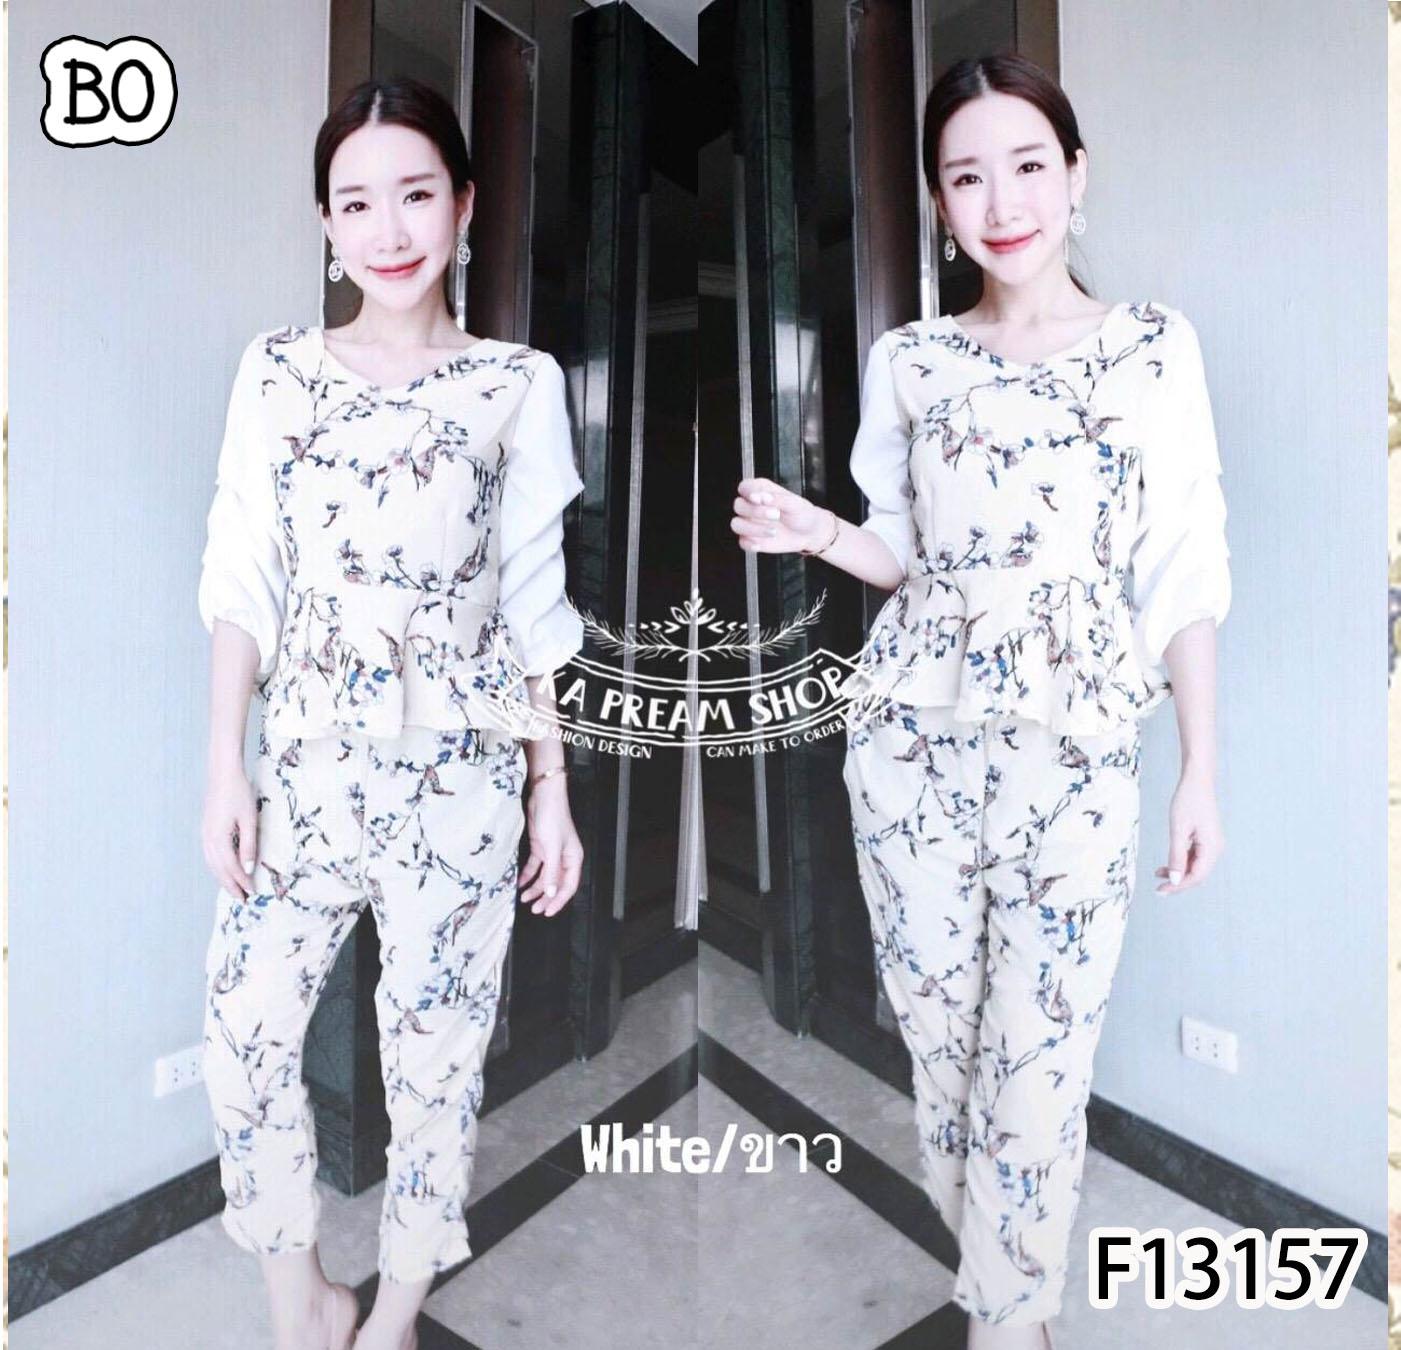 F13157 เซ็ท 2 ชิ้น เสื้อ+กางเกงขายาว สุดน่ารัก ลายดอกไม้ สีขาว